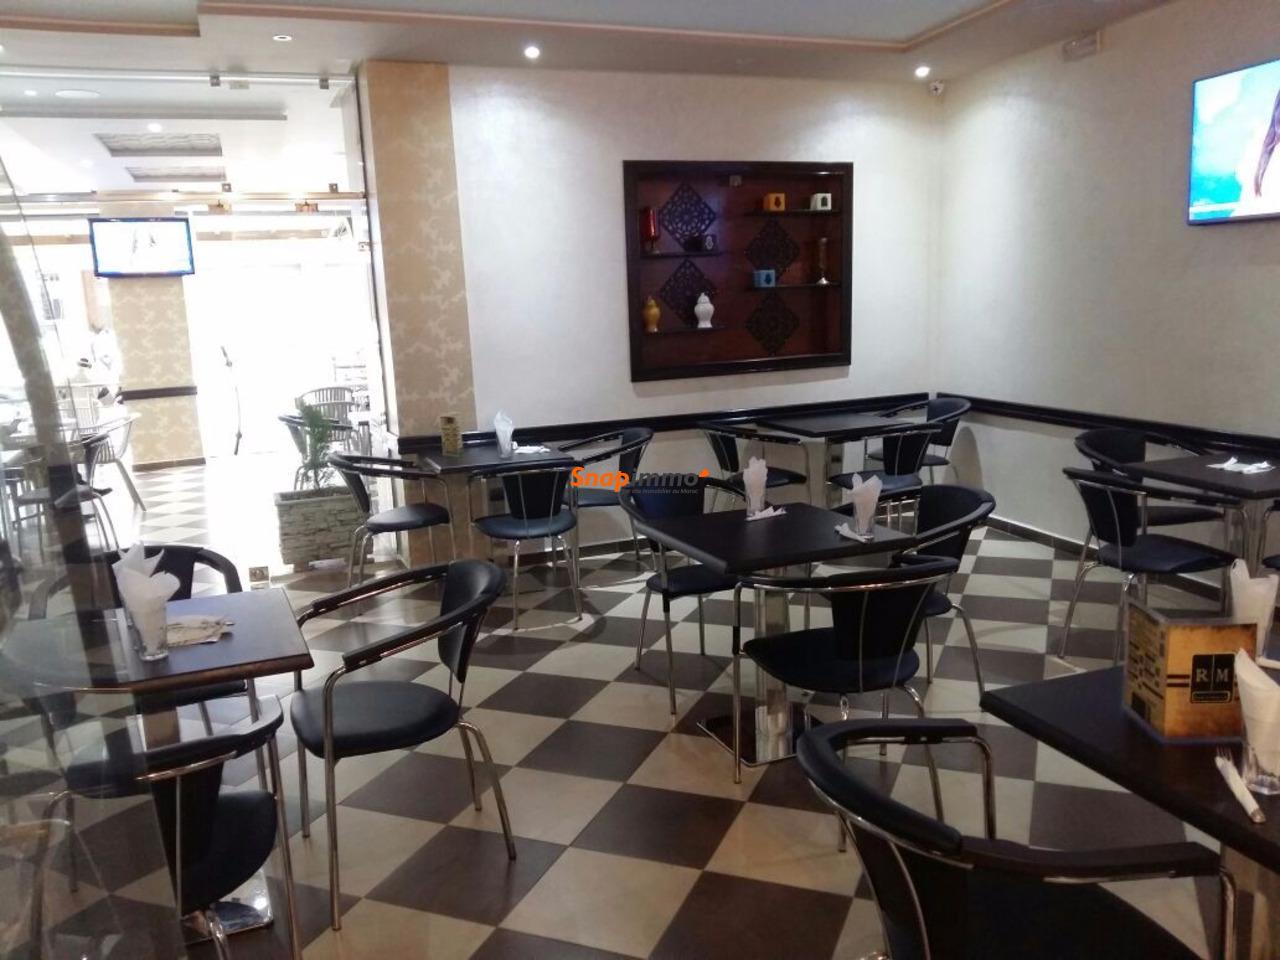 Cafe bien equipe a vendre - 2/4